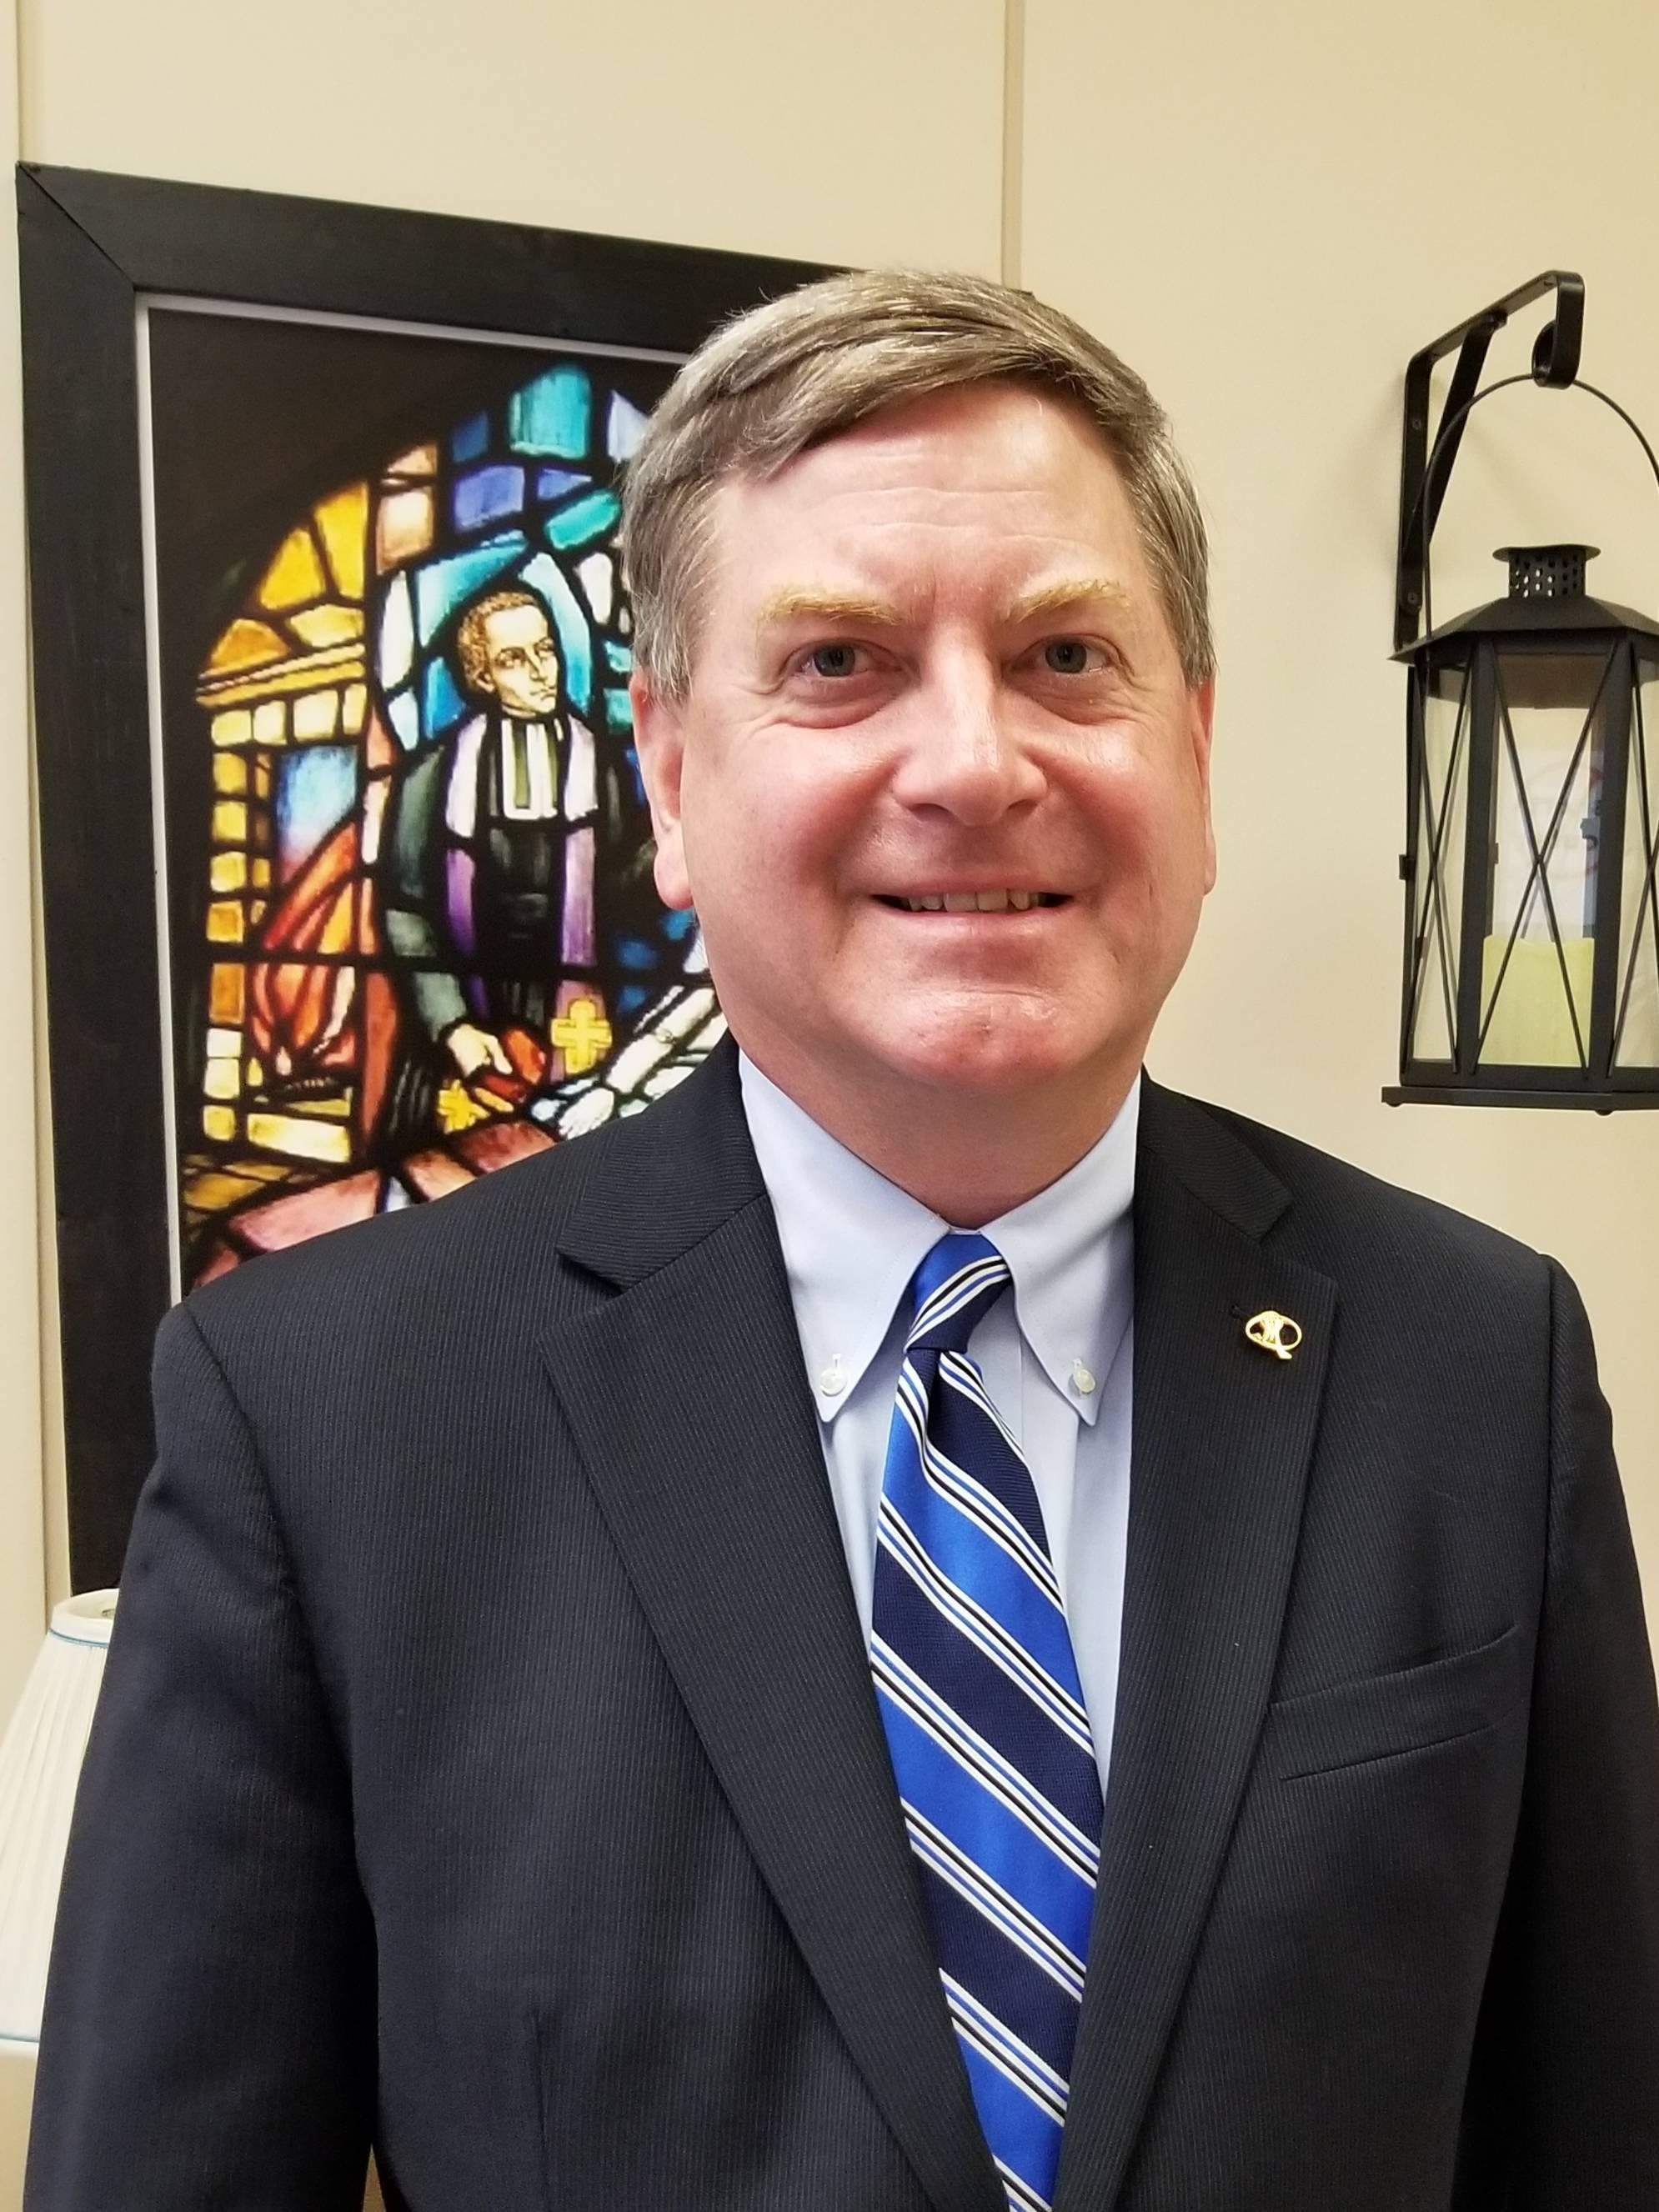 Peter G. Kane